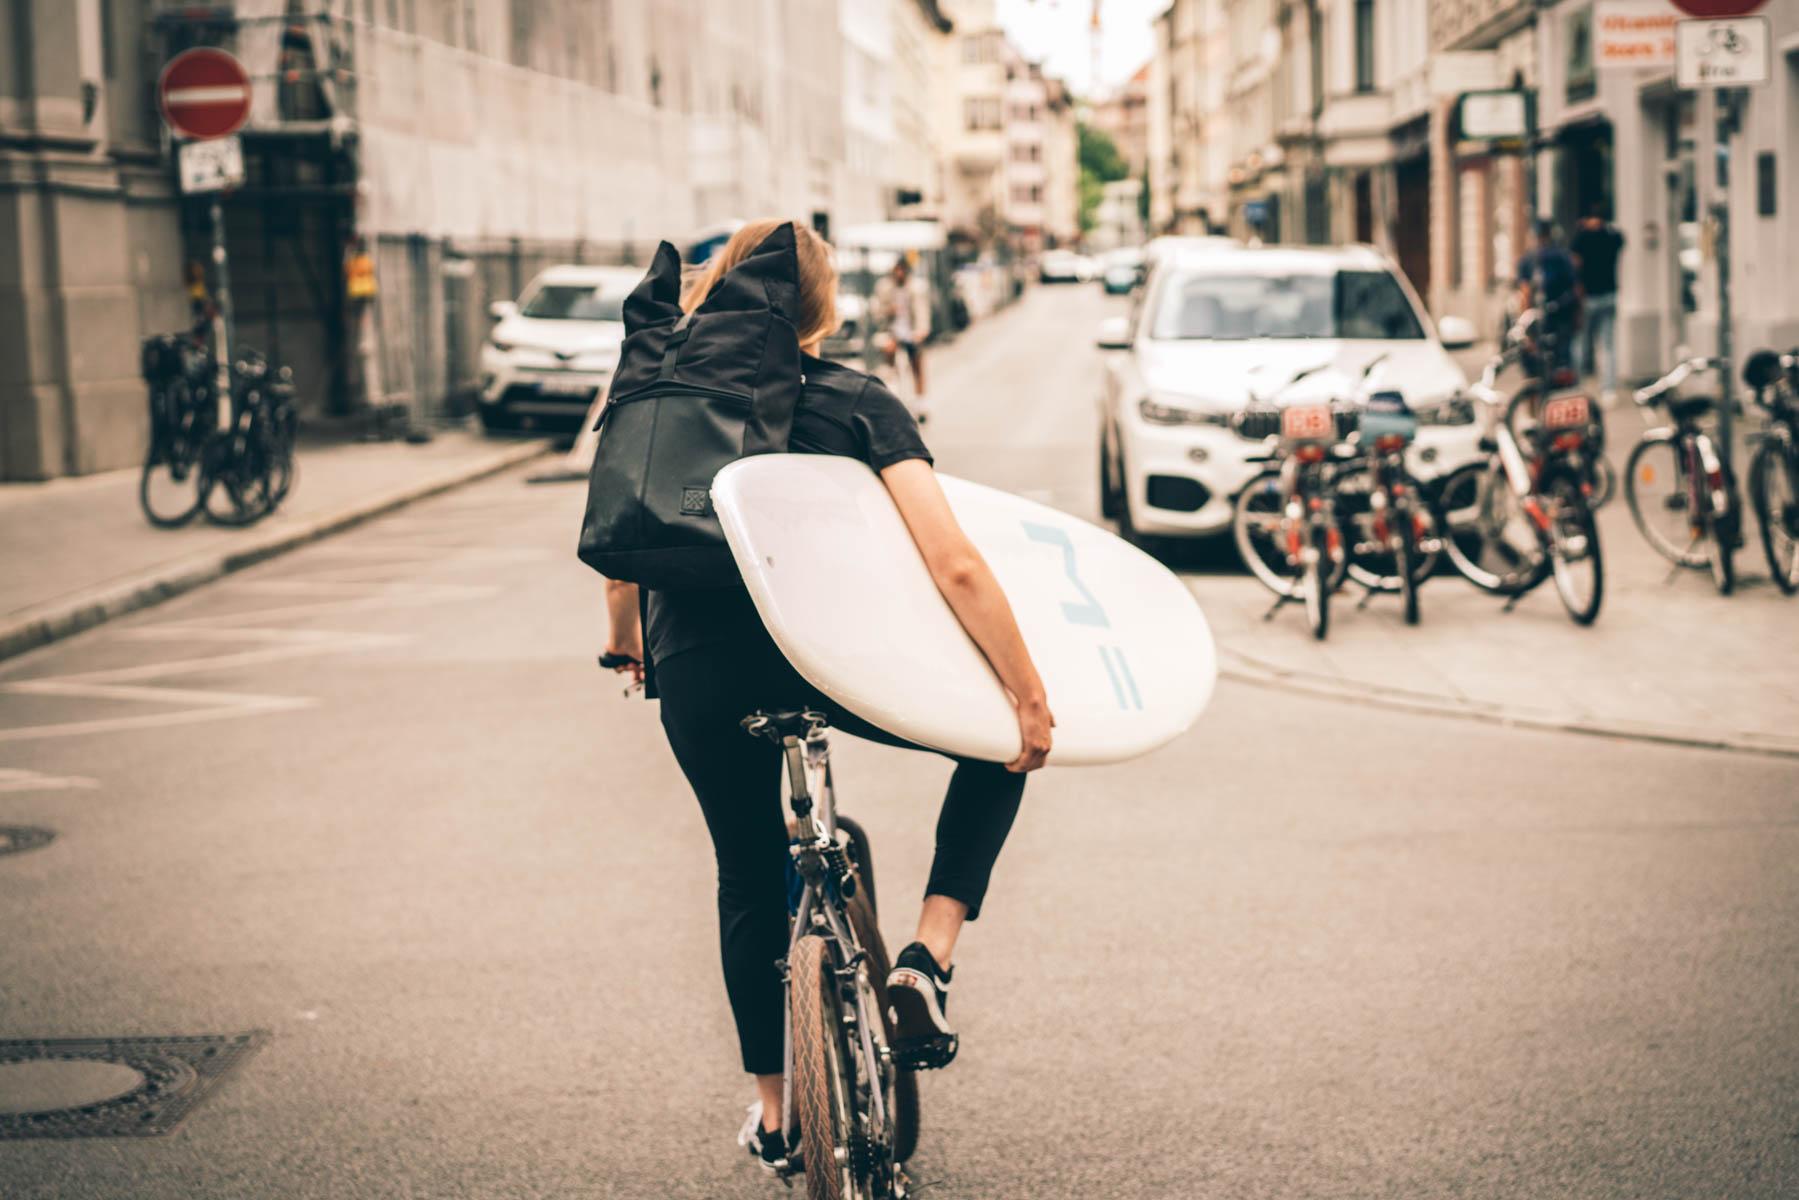 Wer nicht mit einem sperrigen Brett unter dem Arm radeln will, der kann sich ein Surf Rack für bequemen Transport besorgen. – ©wunderland media GmbH